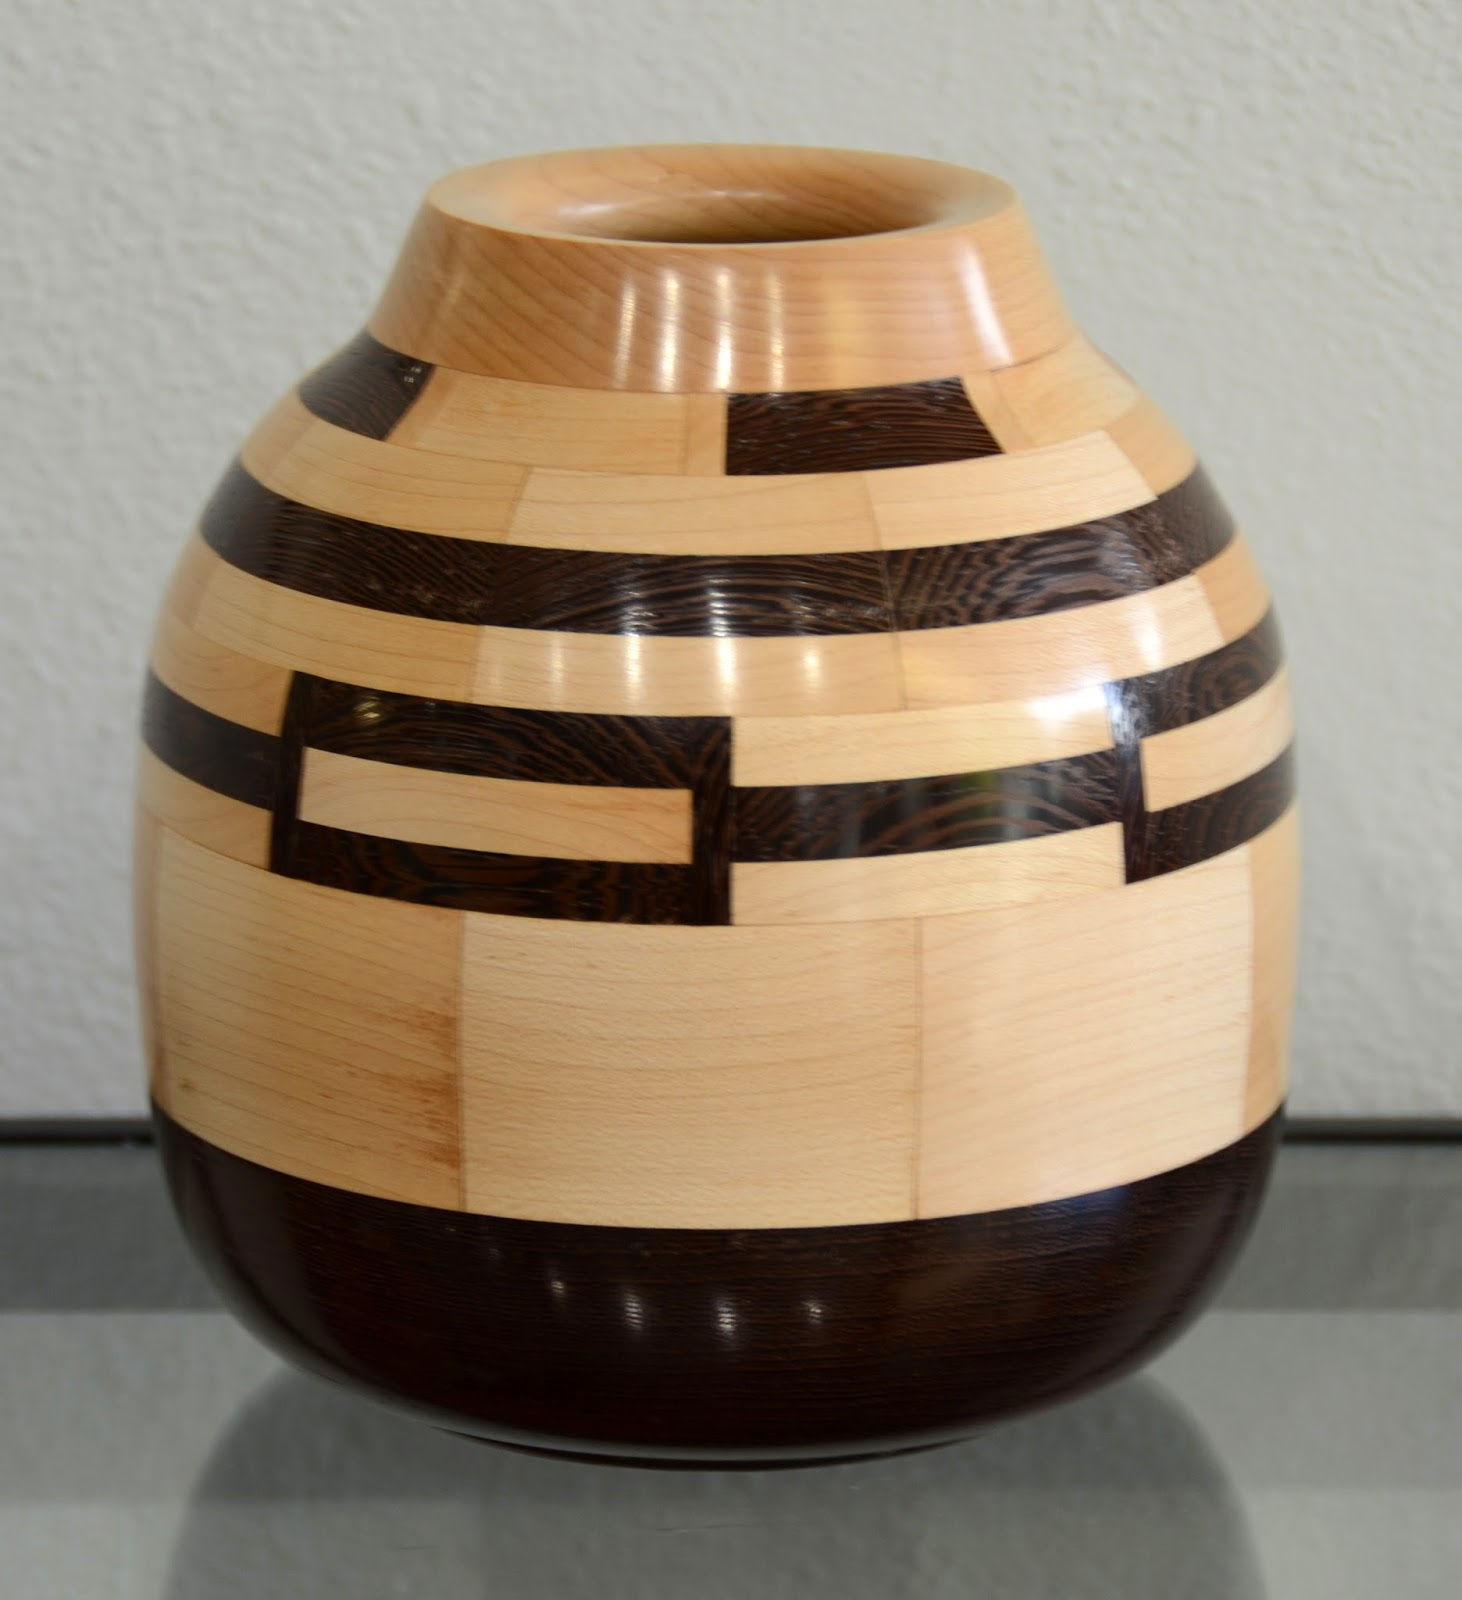 hand-carved wooden vase